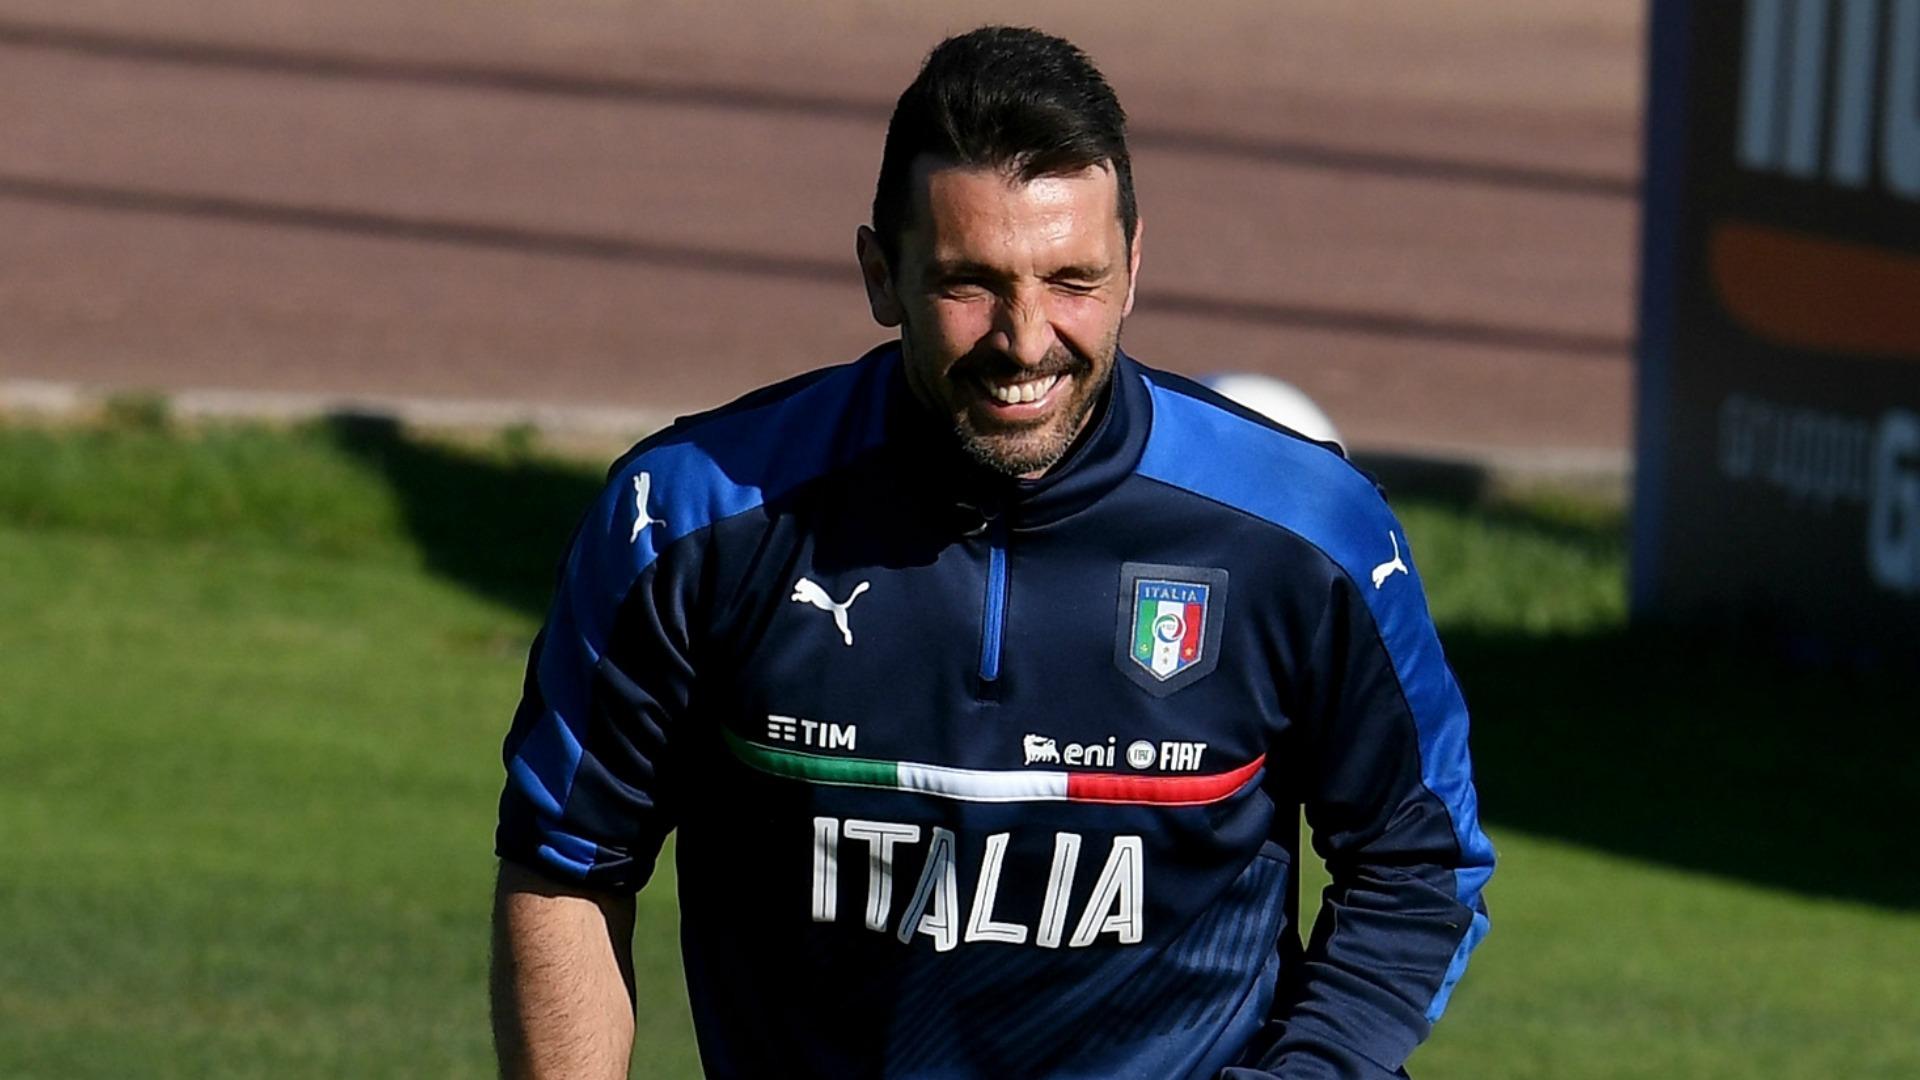 Juventus' Gianluigi Buffon: Next season nearly  certain to be my last